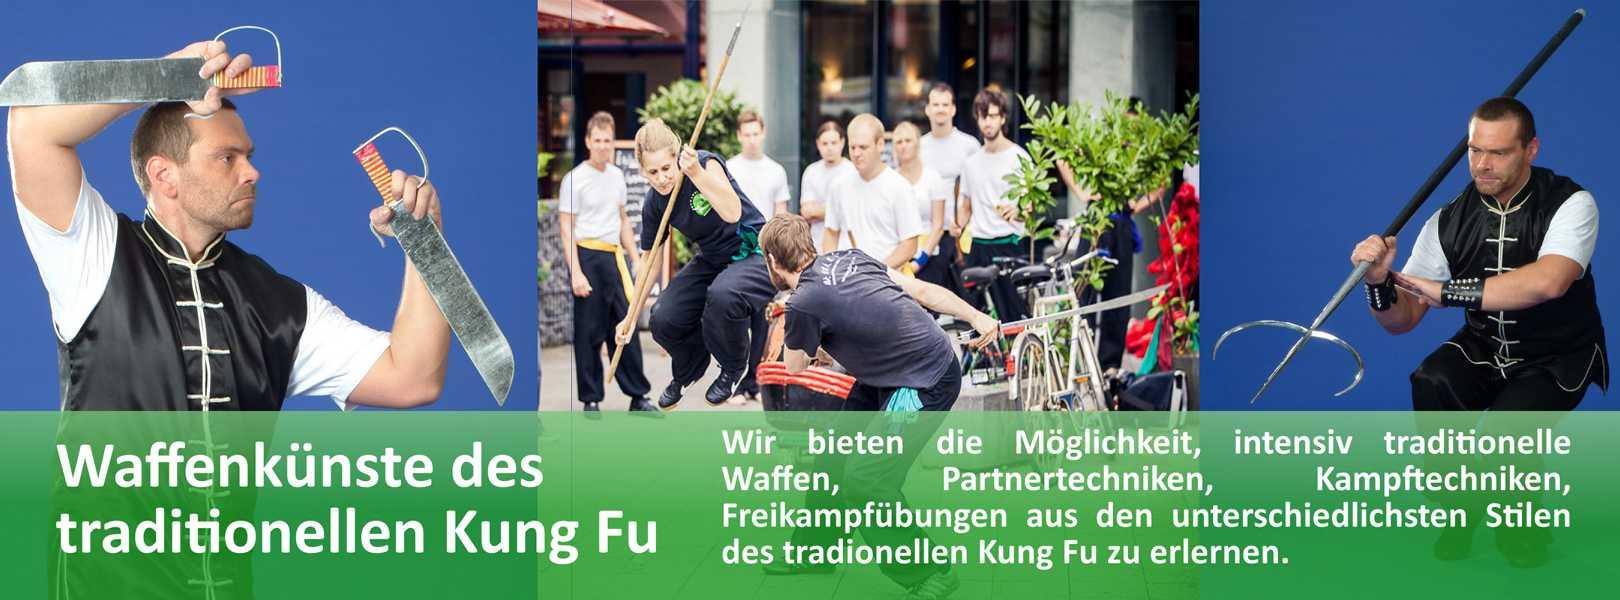 Neben waffenlosem Training bietet die Jing Wu Kung Fu Schule Köln die Möglichkeit verschiedene traditionelle Waffenkünste zu erlernen.